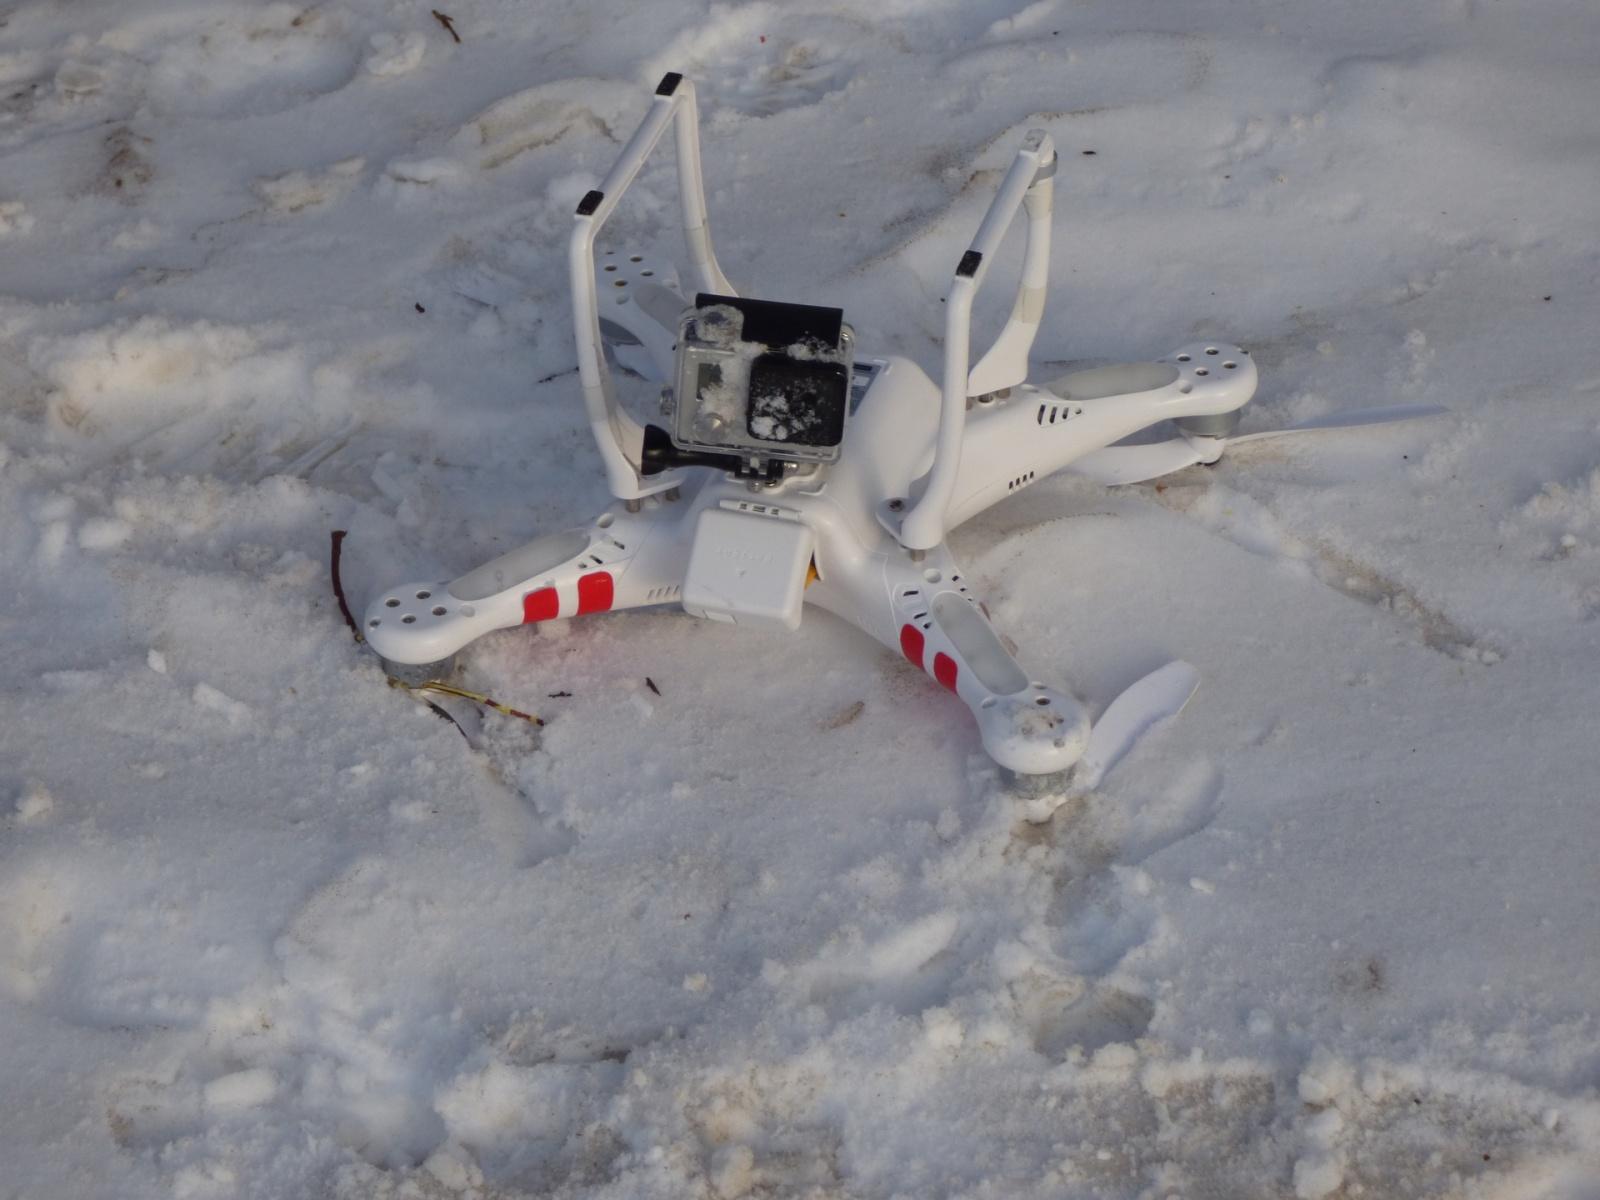 Три бюджетных квадрокоптера с камерами в историческом музее «Коломенское» - 3